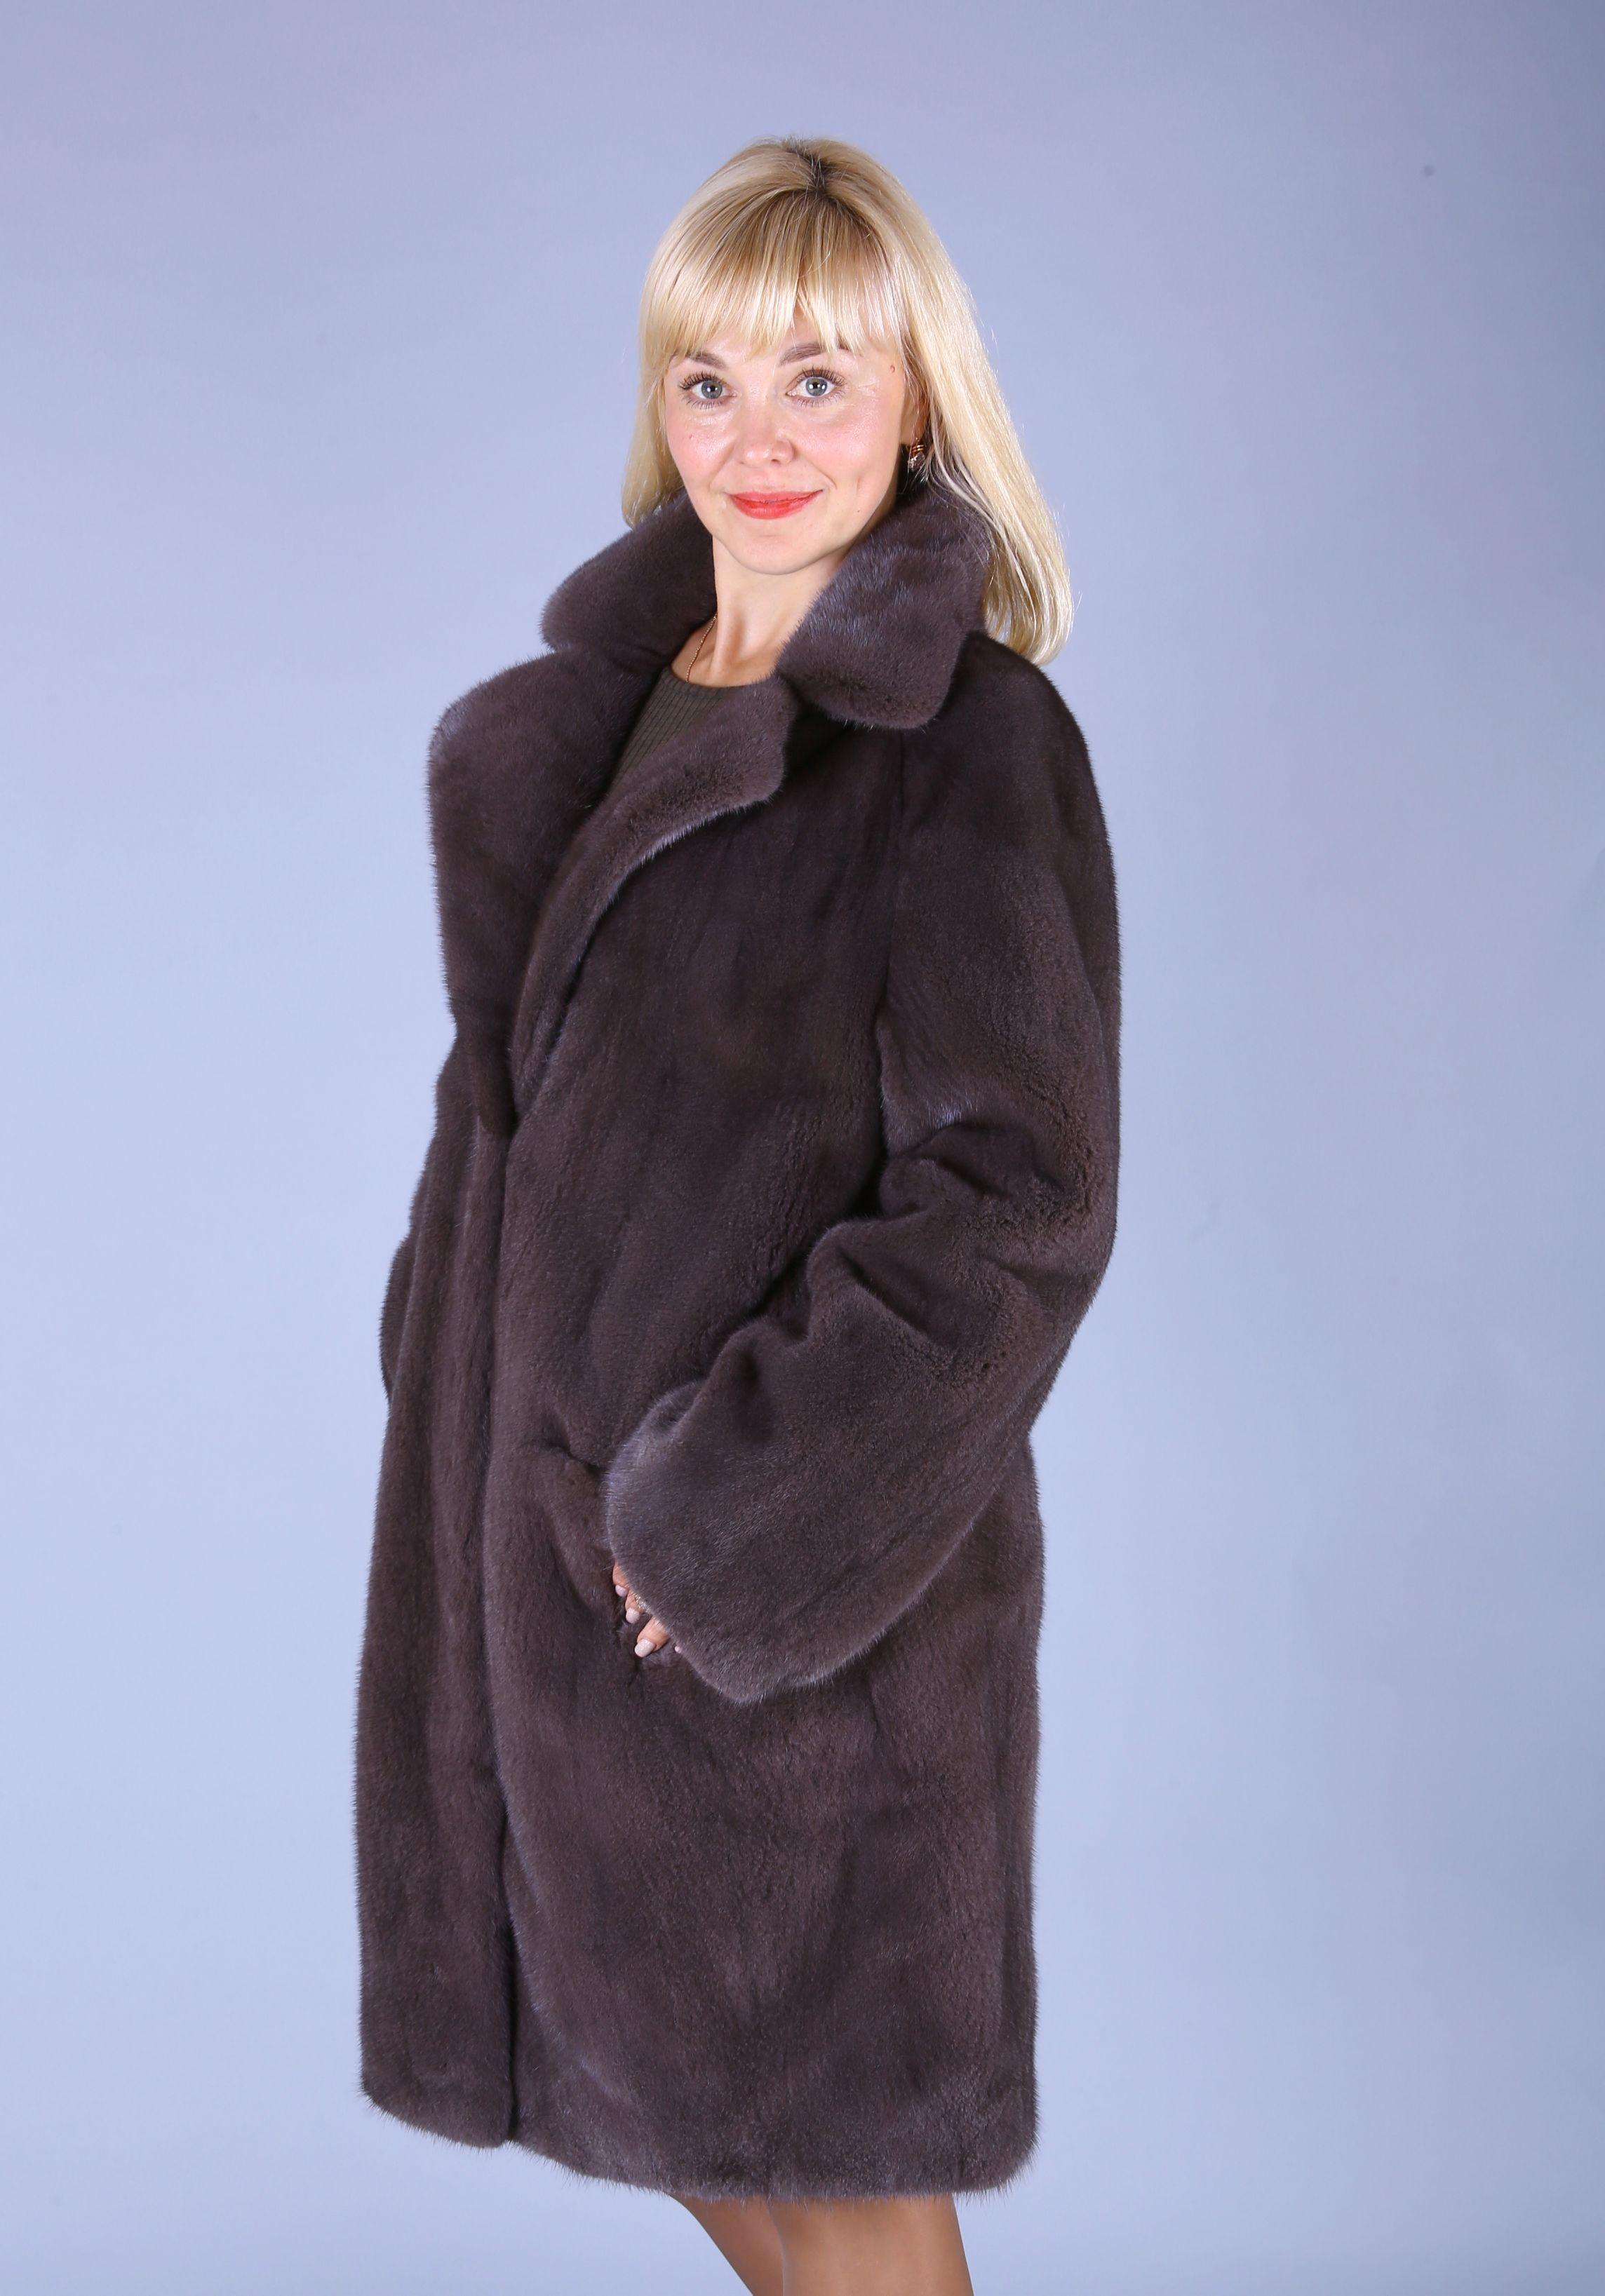 Шуба женская норковая 7502 фото №1